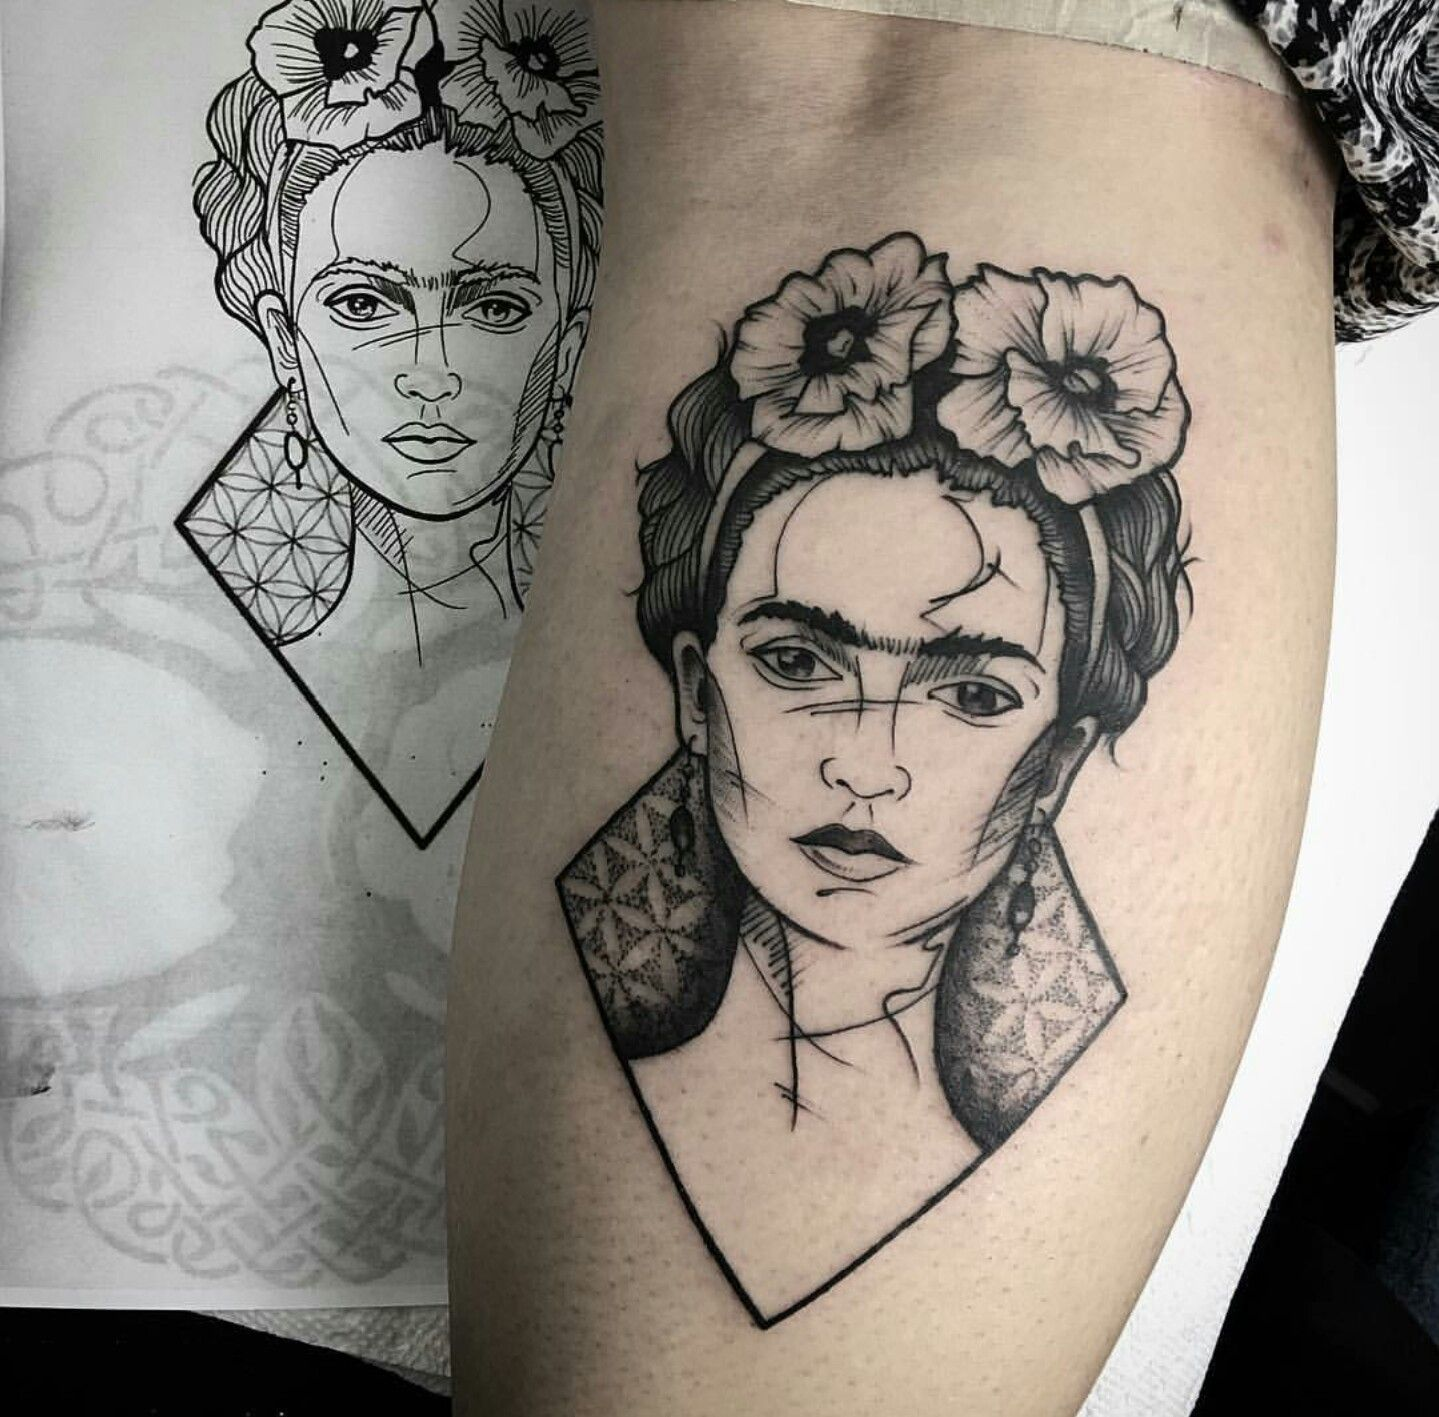 Frida Kahlo Lx Tattoos Puerto Rico Tatuagem Hippie Tatuagem Feminista Tatuagens